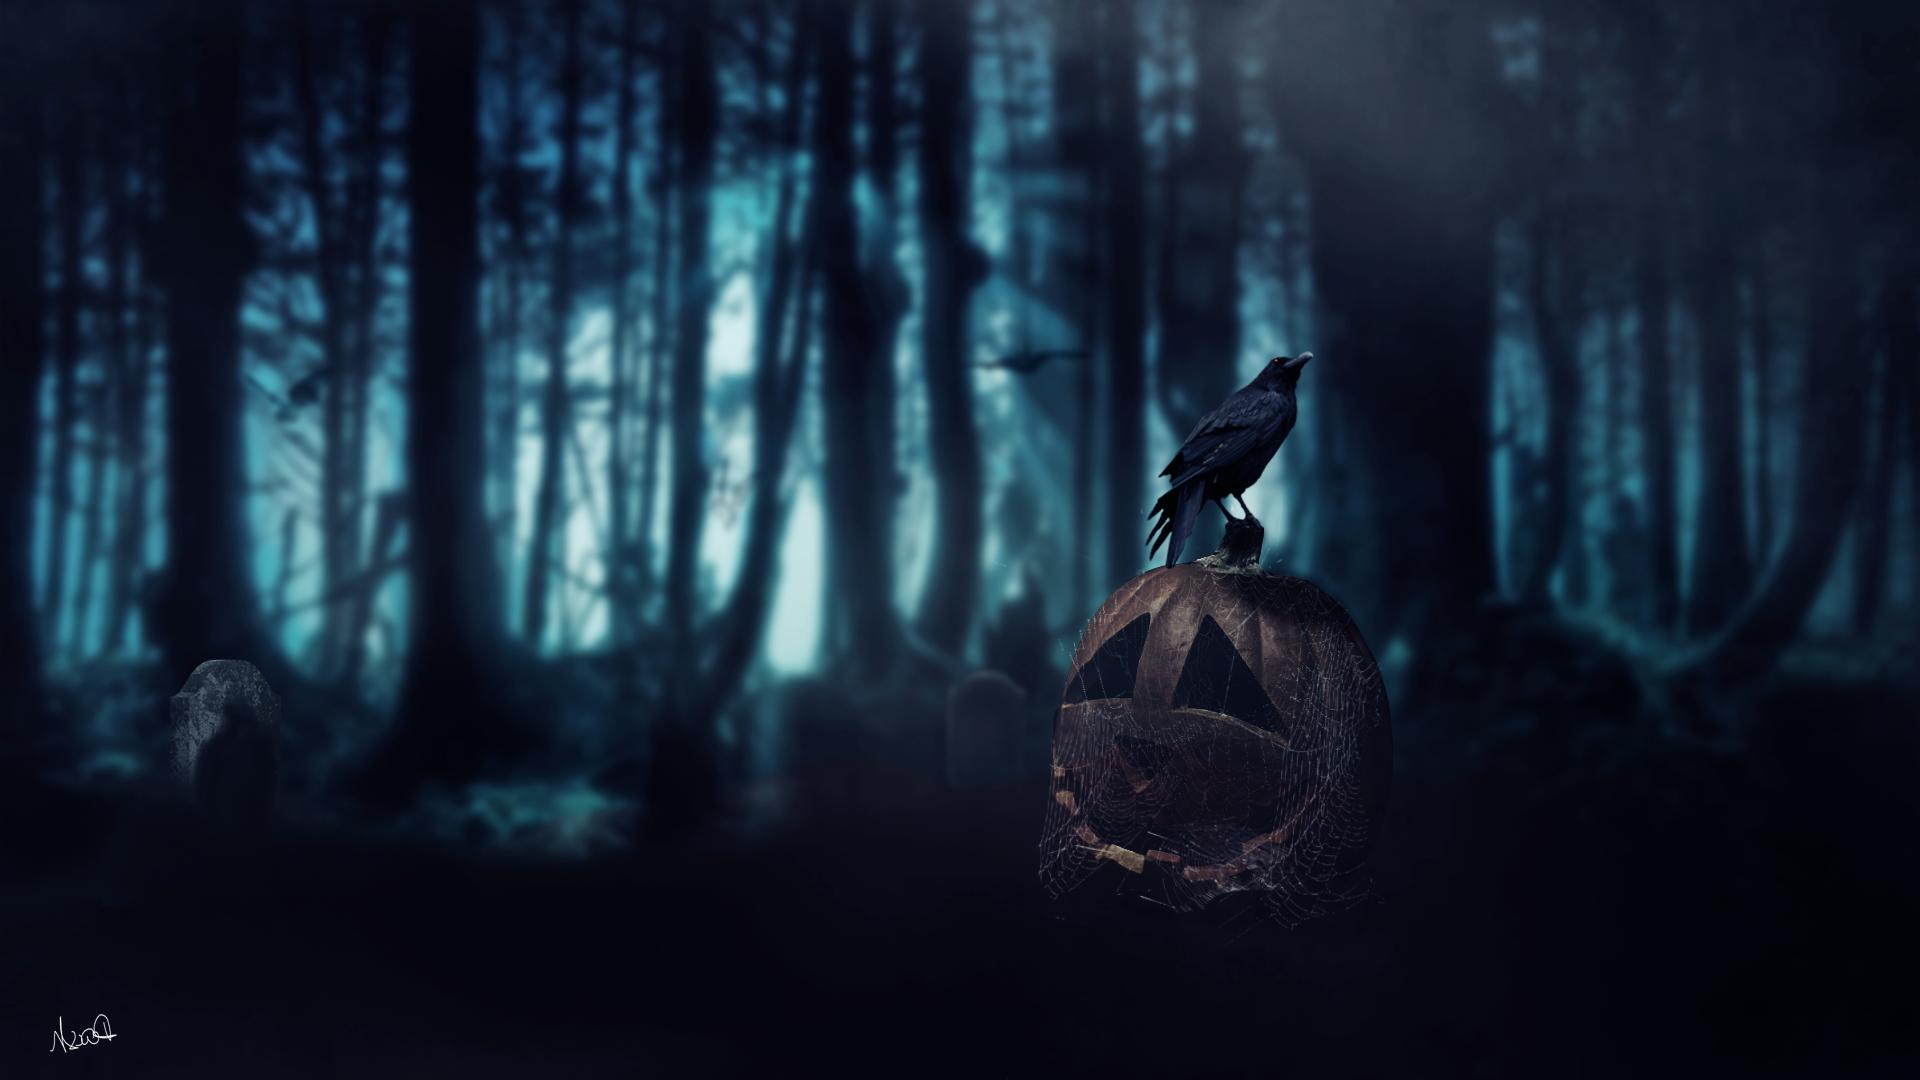 デスクトップ壁紙 日光 森林 ハロウィン かぼちゃ カラス 死